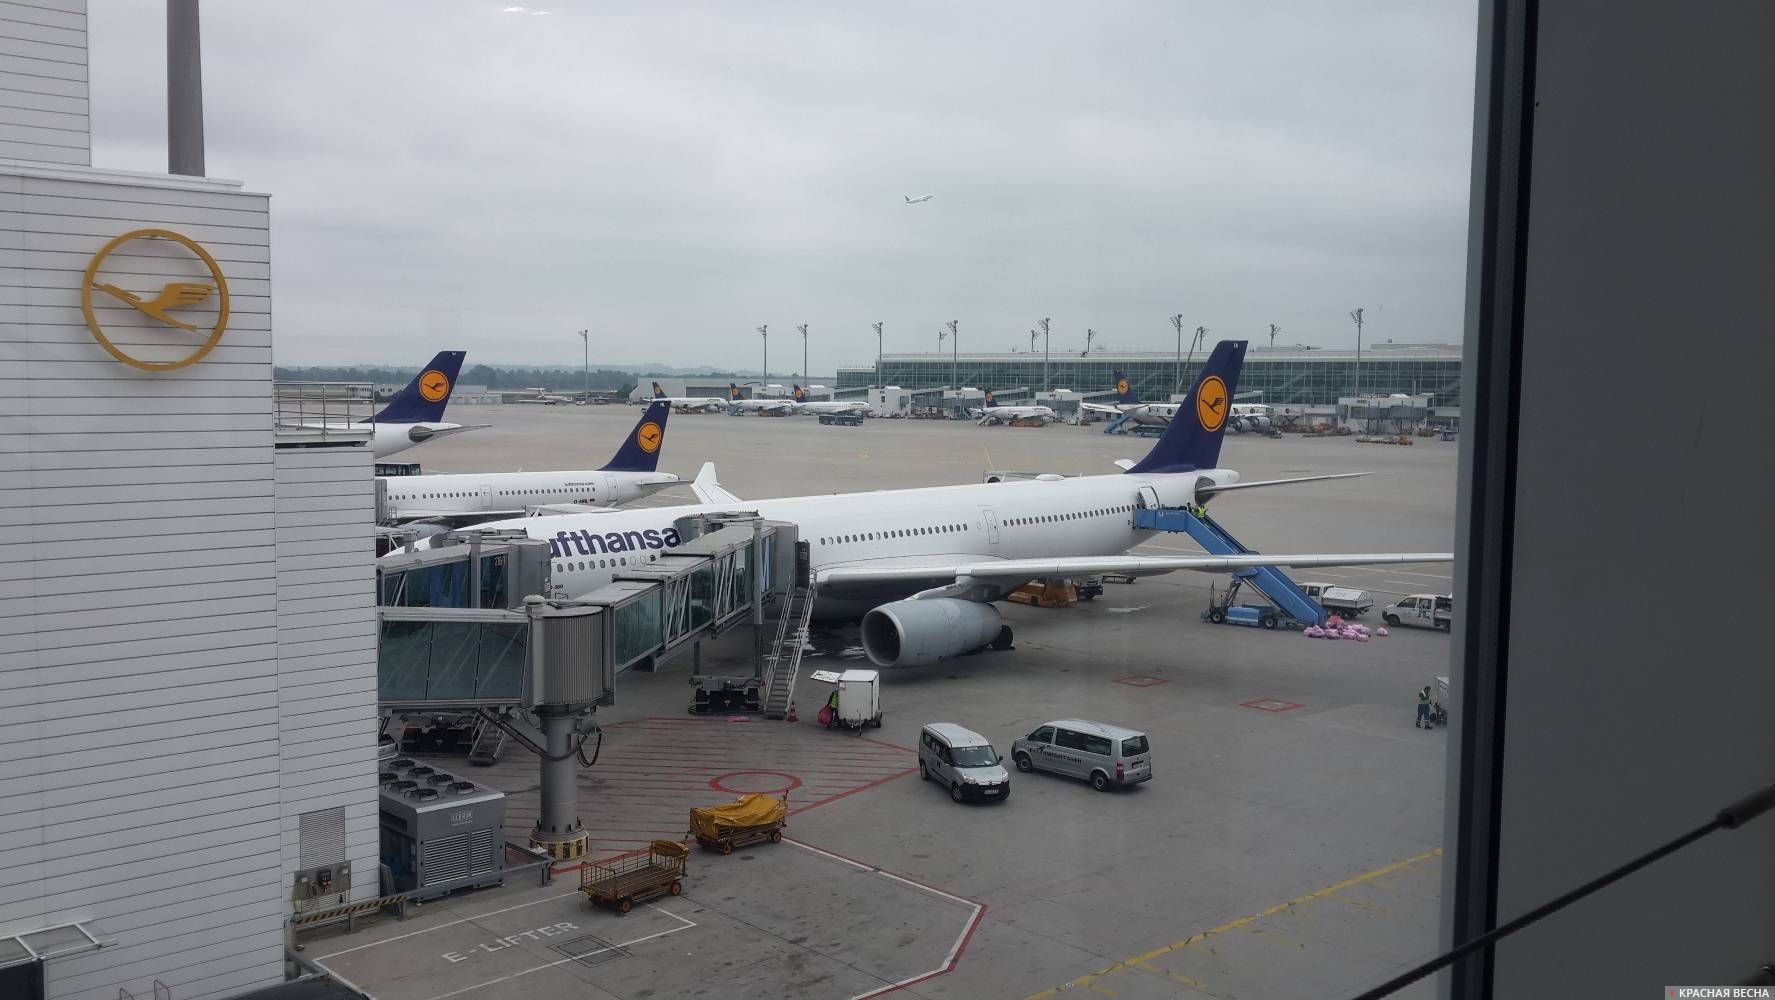 Аэропорт. Франкфурт